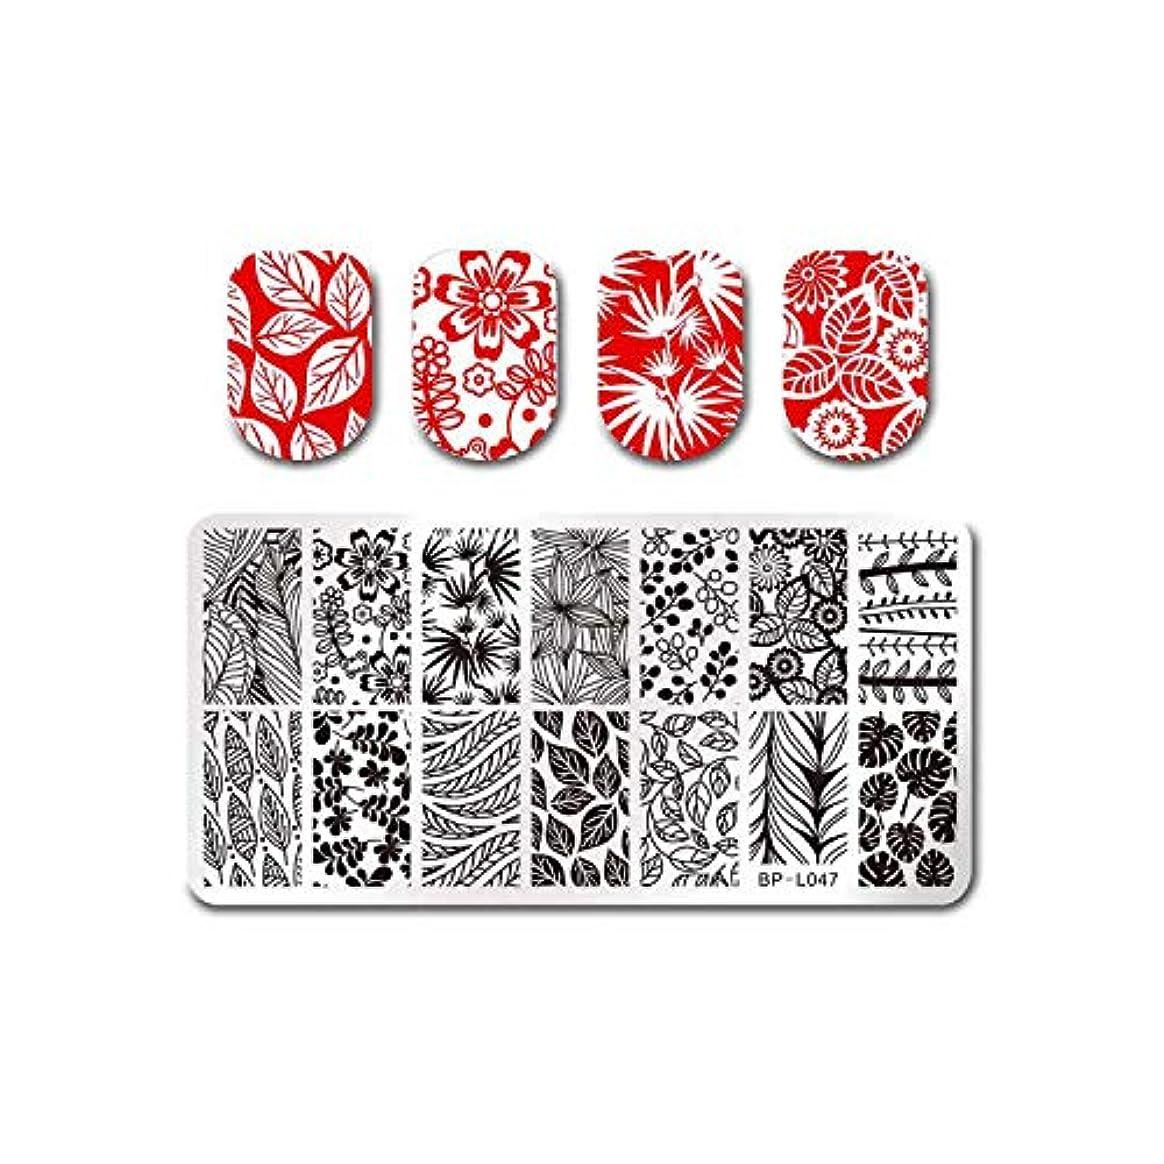 地獄後退する自分フルーツネイルアートスタンピングテンプレートトロピカルパンチパターン長方形イメージプレートスタンピング,BP-L047